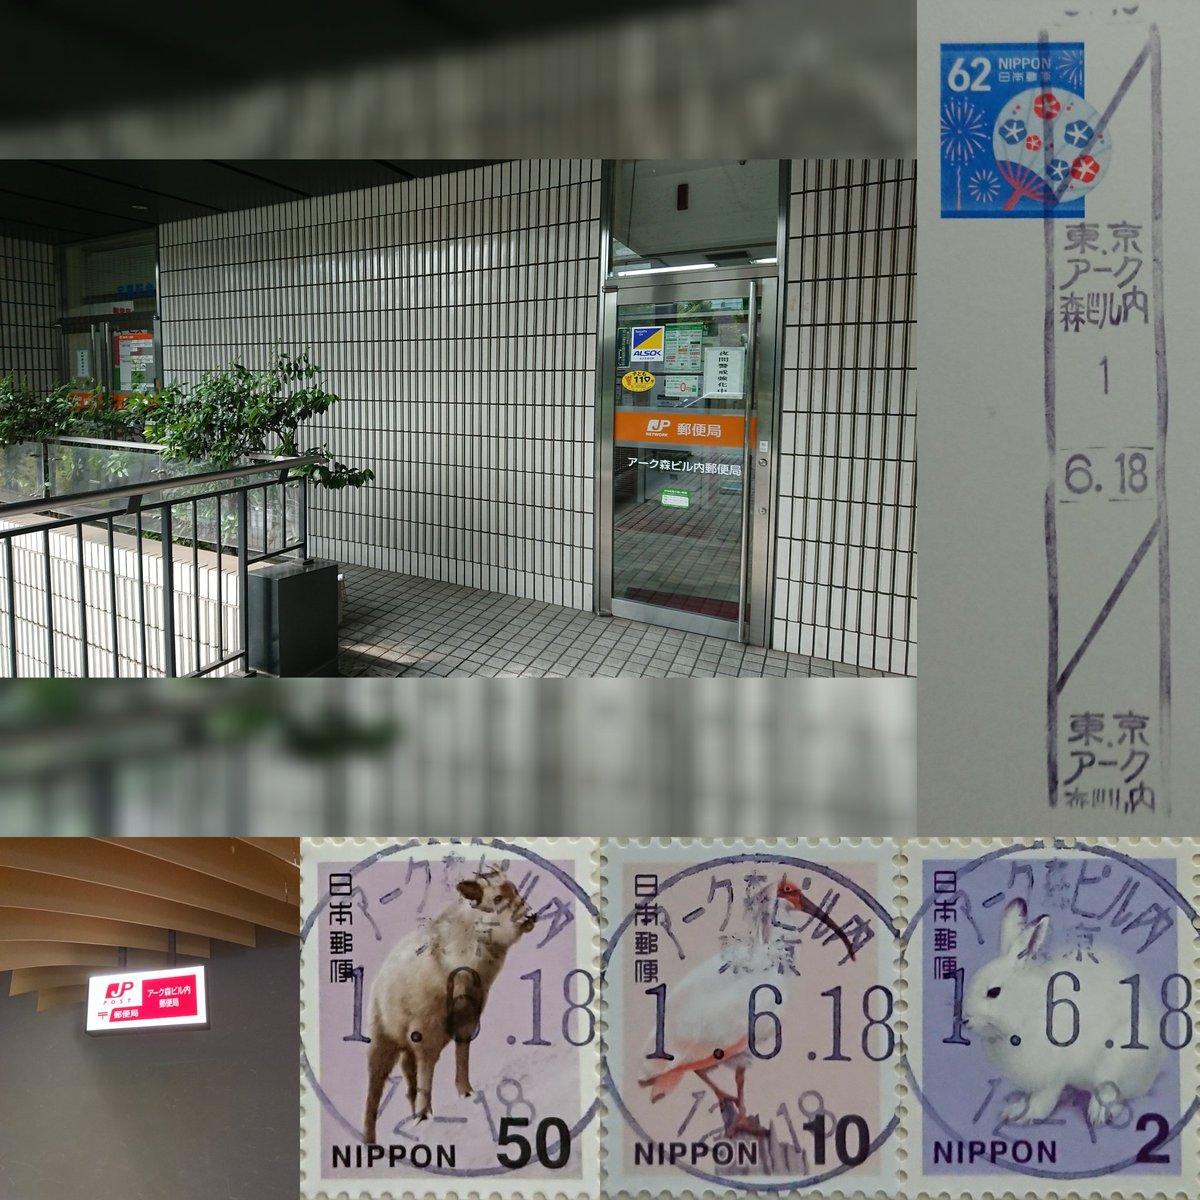 アーク ヒルズ 郵便 局